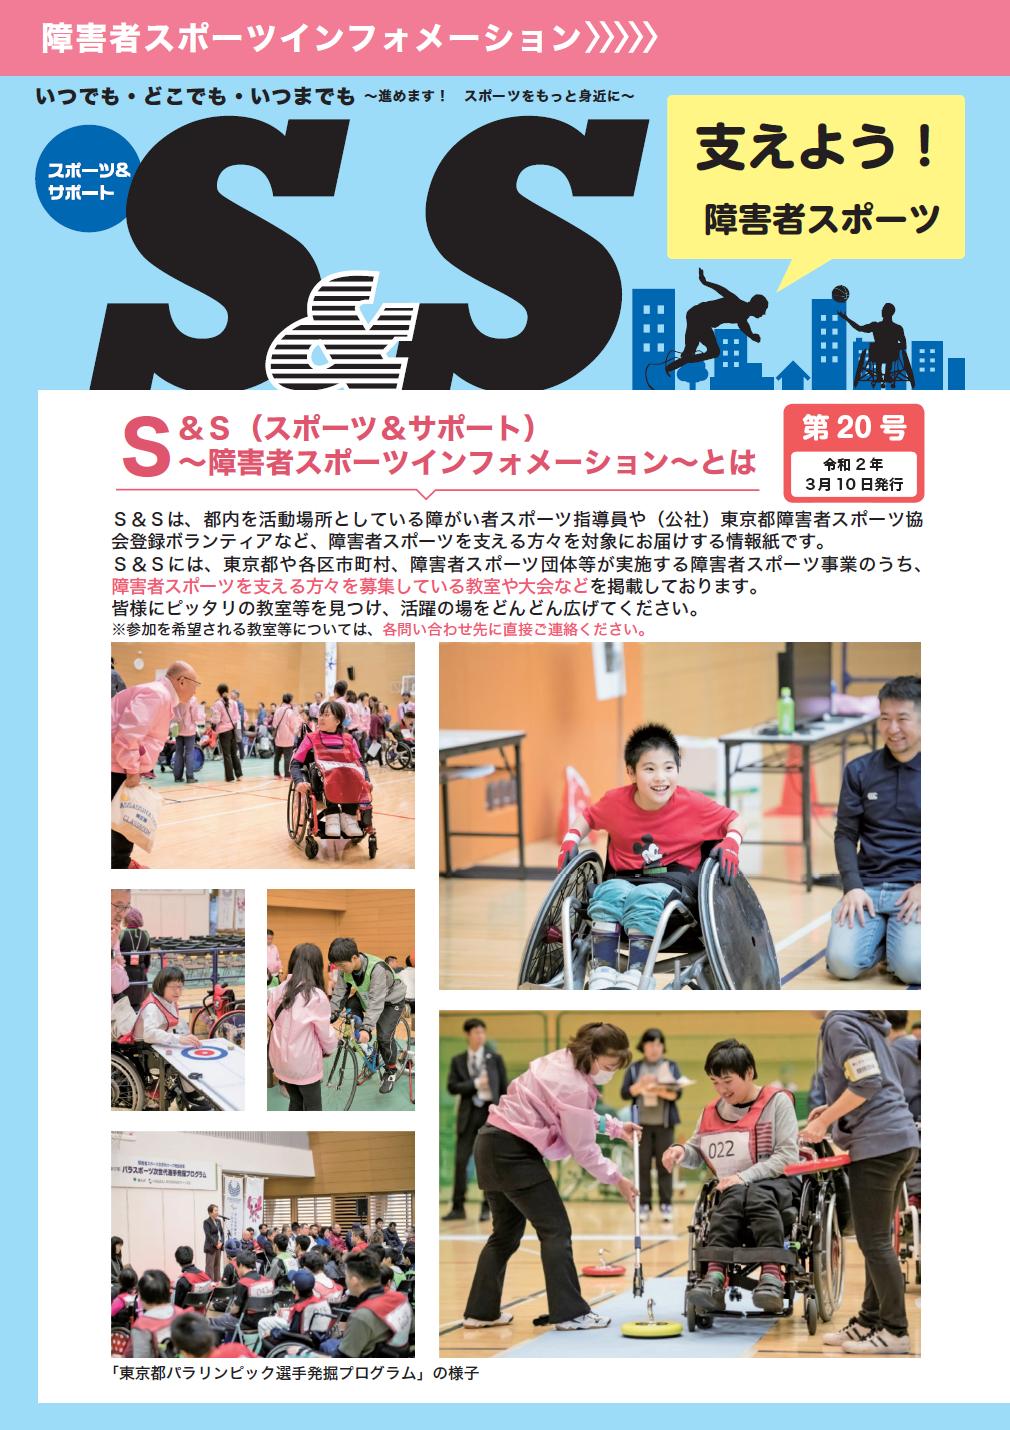 6b19fbabbea70d947267dddf1090fad0 3 - 障害者スポーツ情報紙「S&S」第20号を発刊しました!